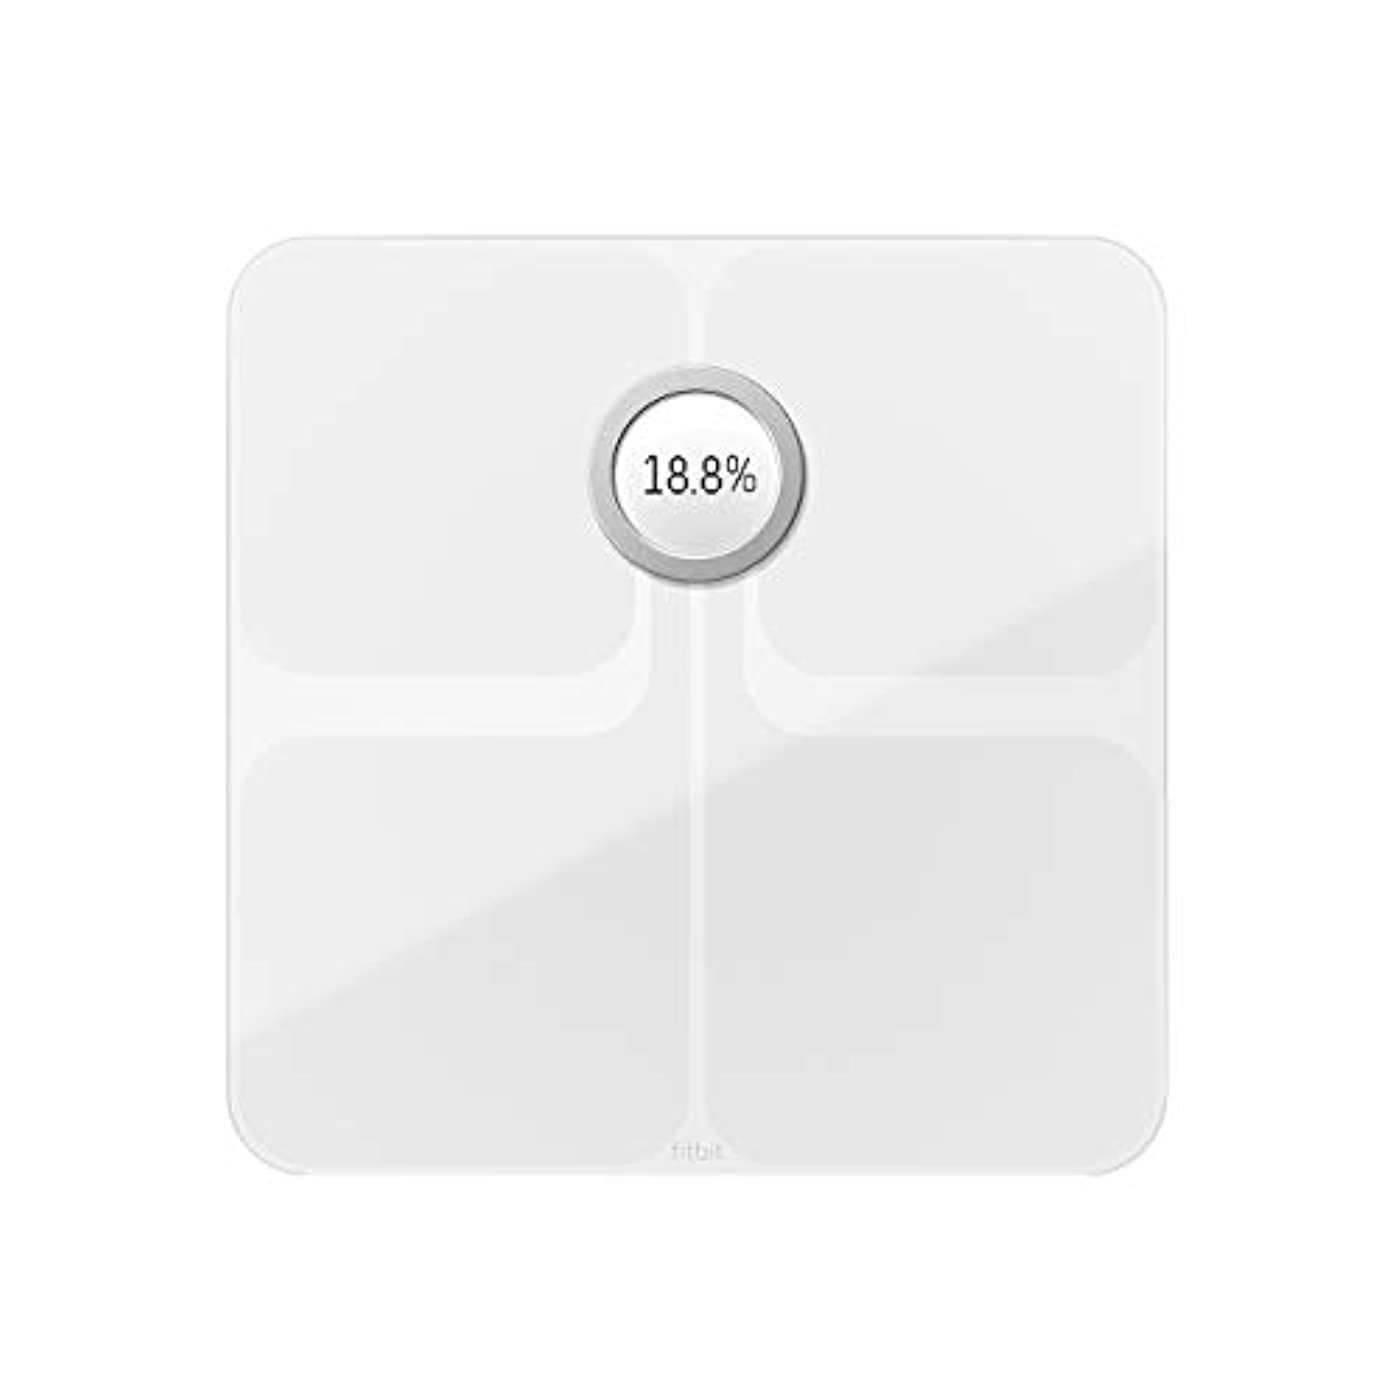 アクセルうなる着替えるFitbit フィットビット スマート体重計 Aria2 WiFi/Bluetooth対応 White【日本正規品】 FB202WT-JP